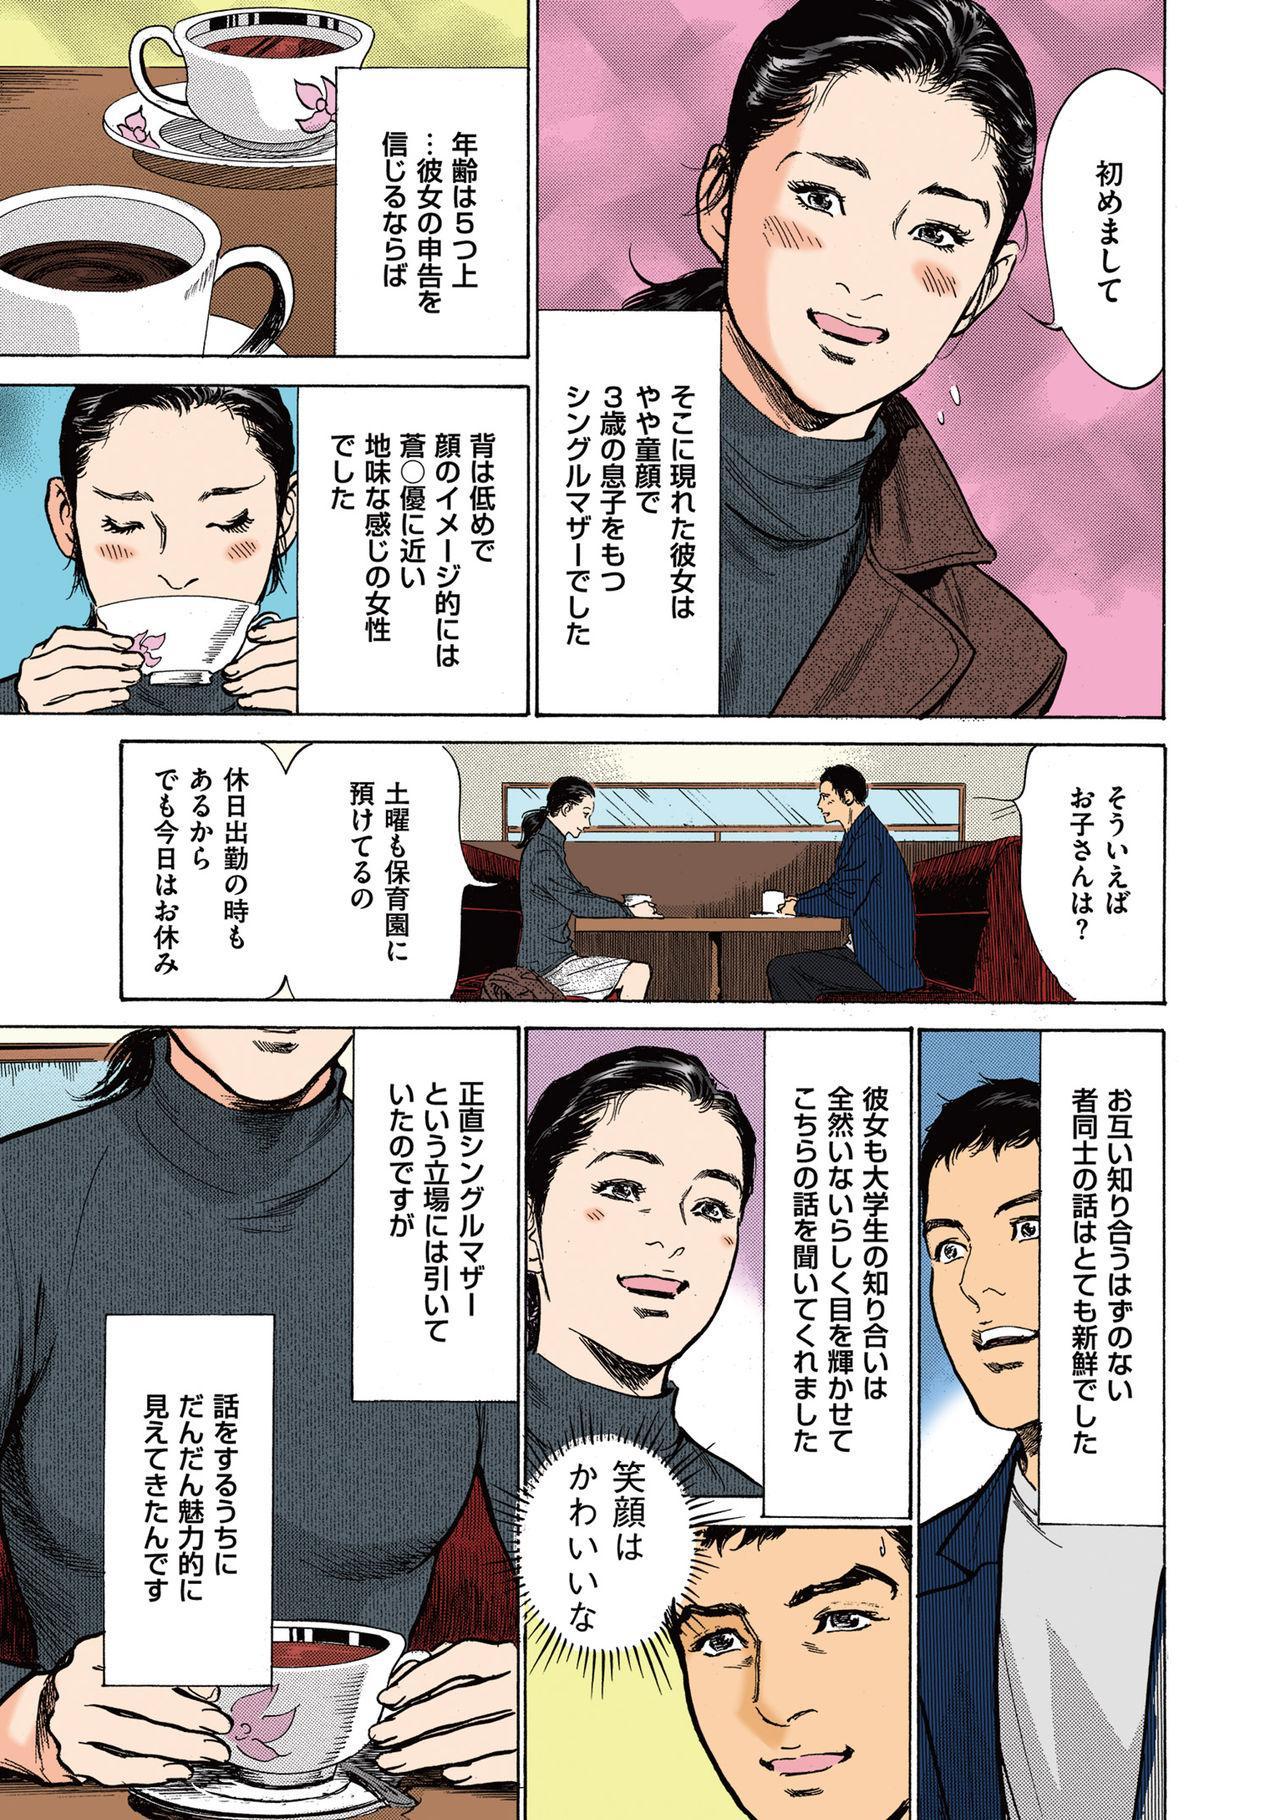 [Hazuki Kaoru] Hazuki Kaoru no Tamaranai Hanashi (Full Color Version) 2-1 8